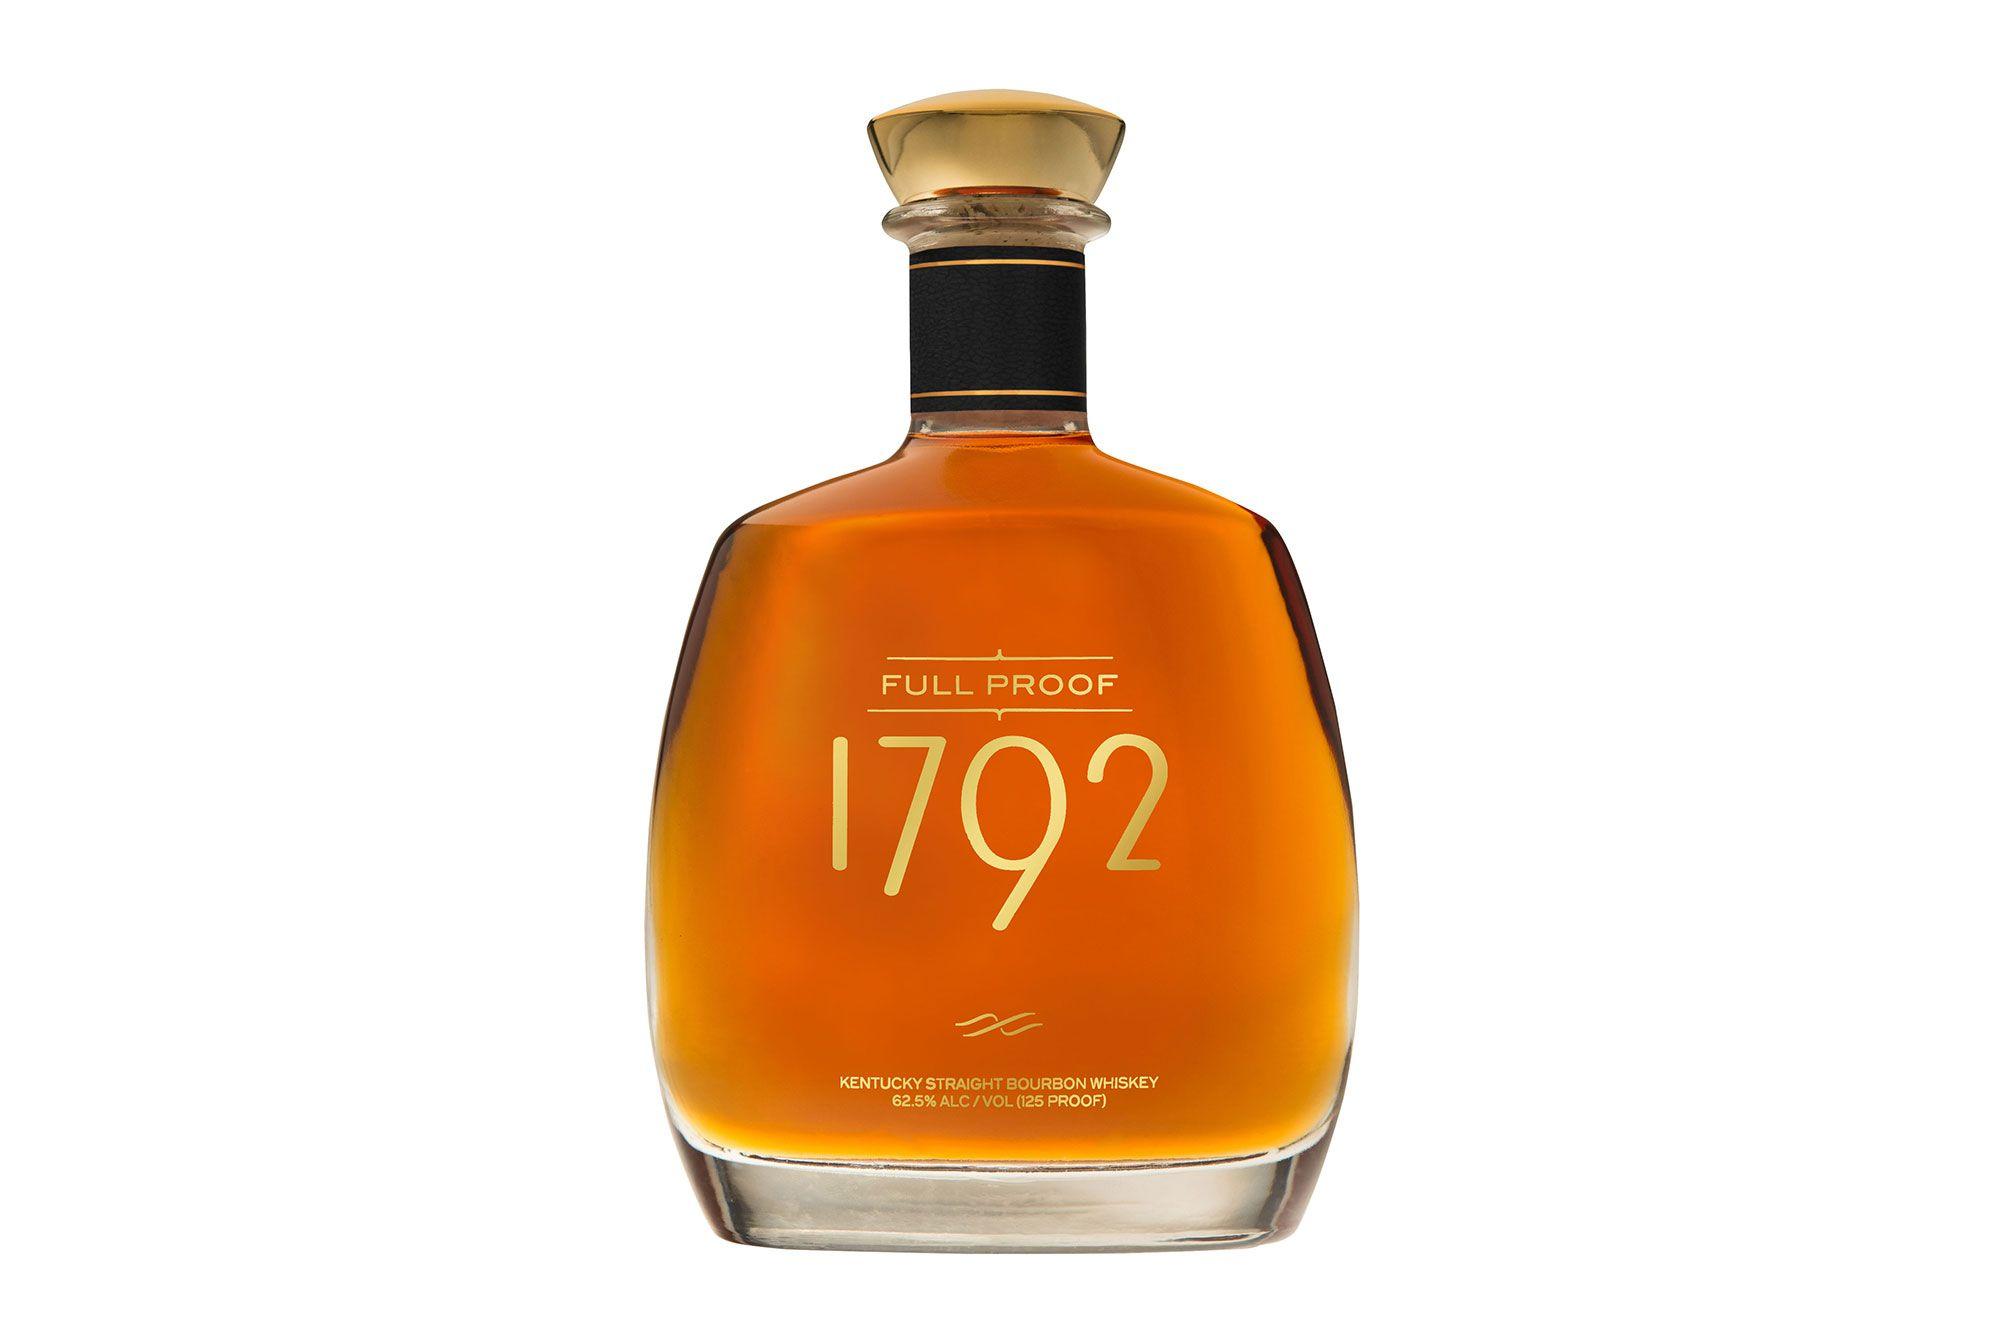 1782 Full Proof Bourbon